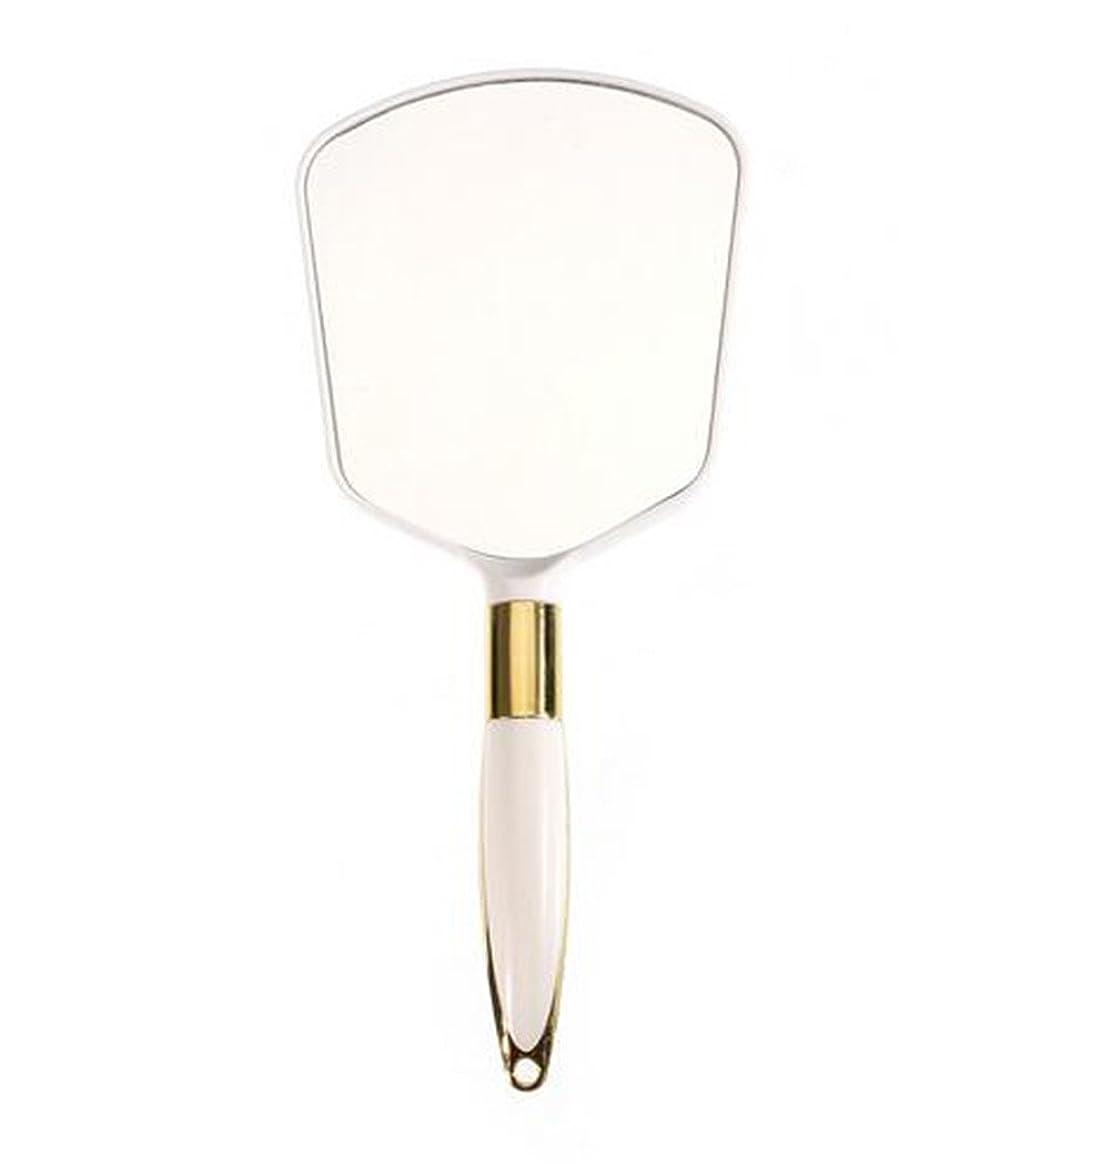 胴体ヘクタール花瓶かわいいプラスチックヴィンテージ手鏡化粧化粧台ミラー長方形ハンドホールド化粧鏡、ギフト用ハンドル付き、スクエアホワイト